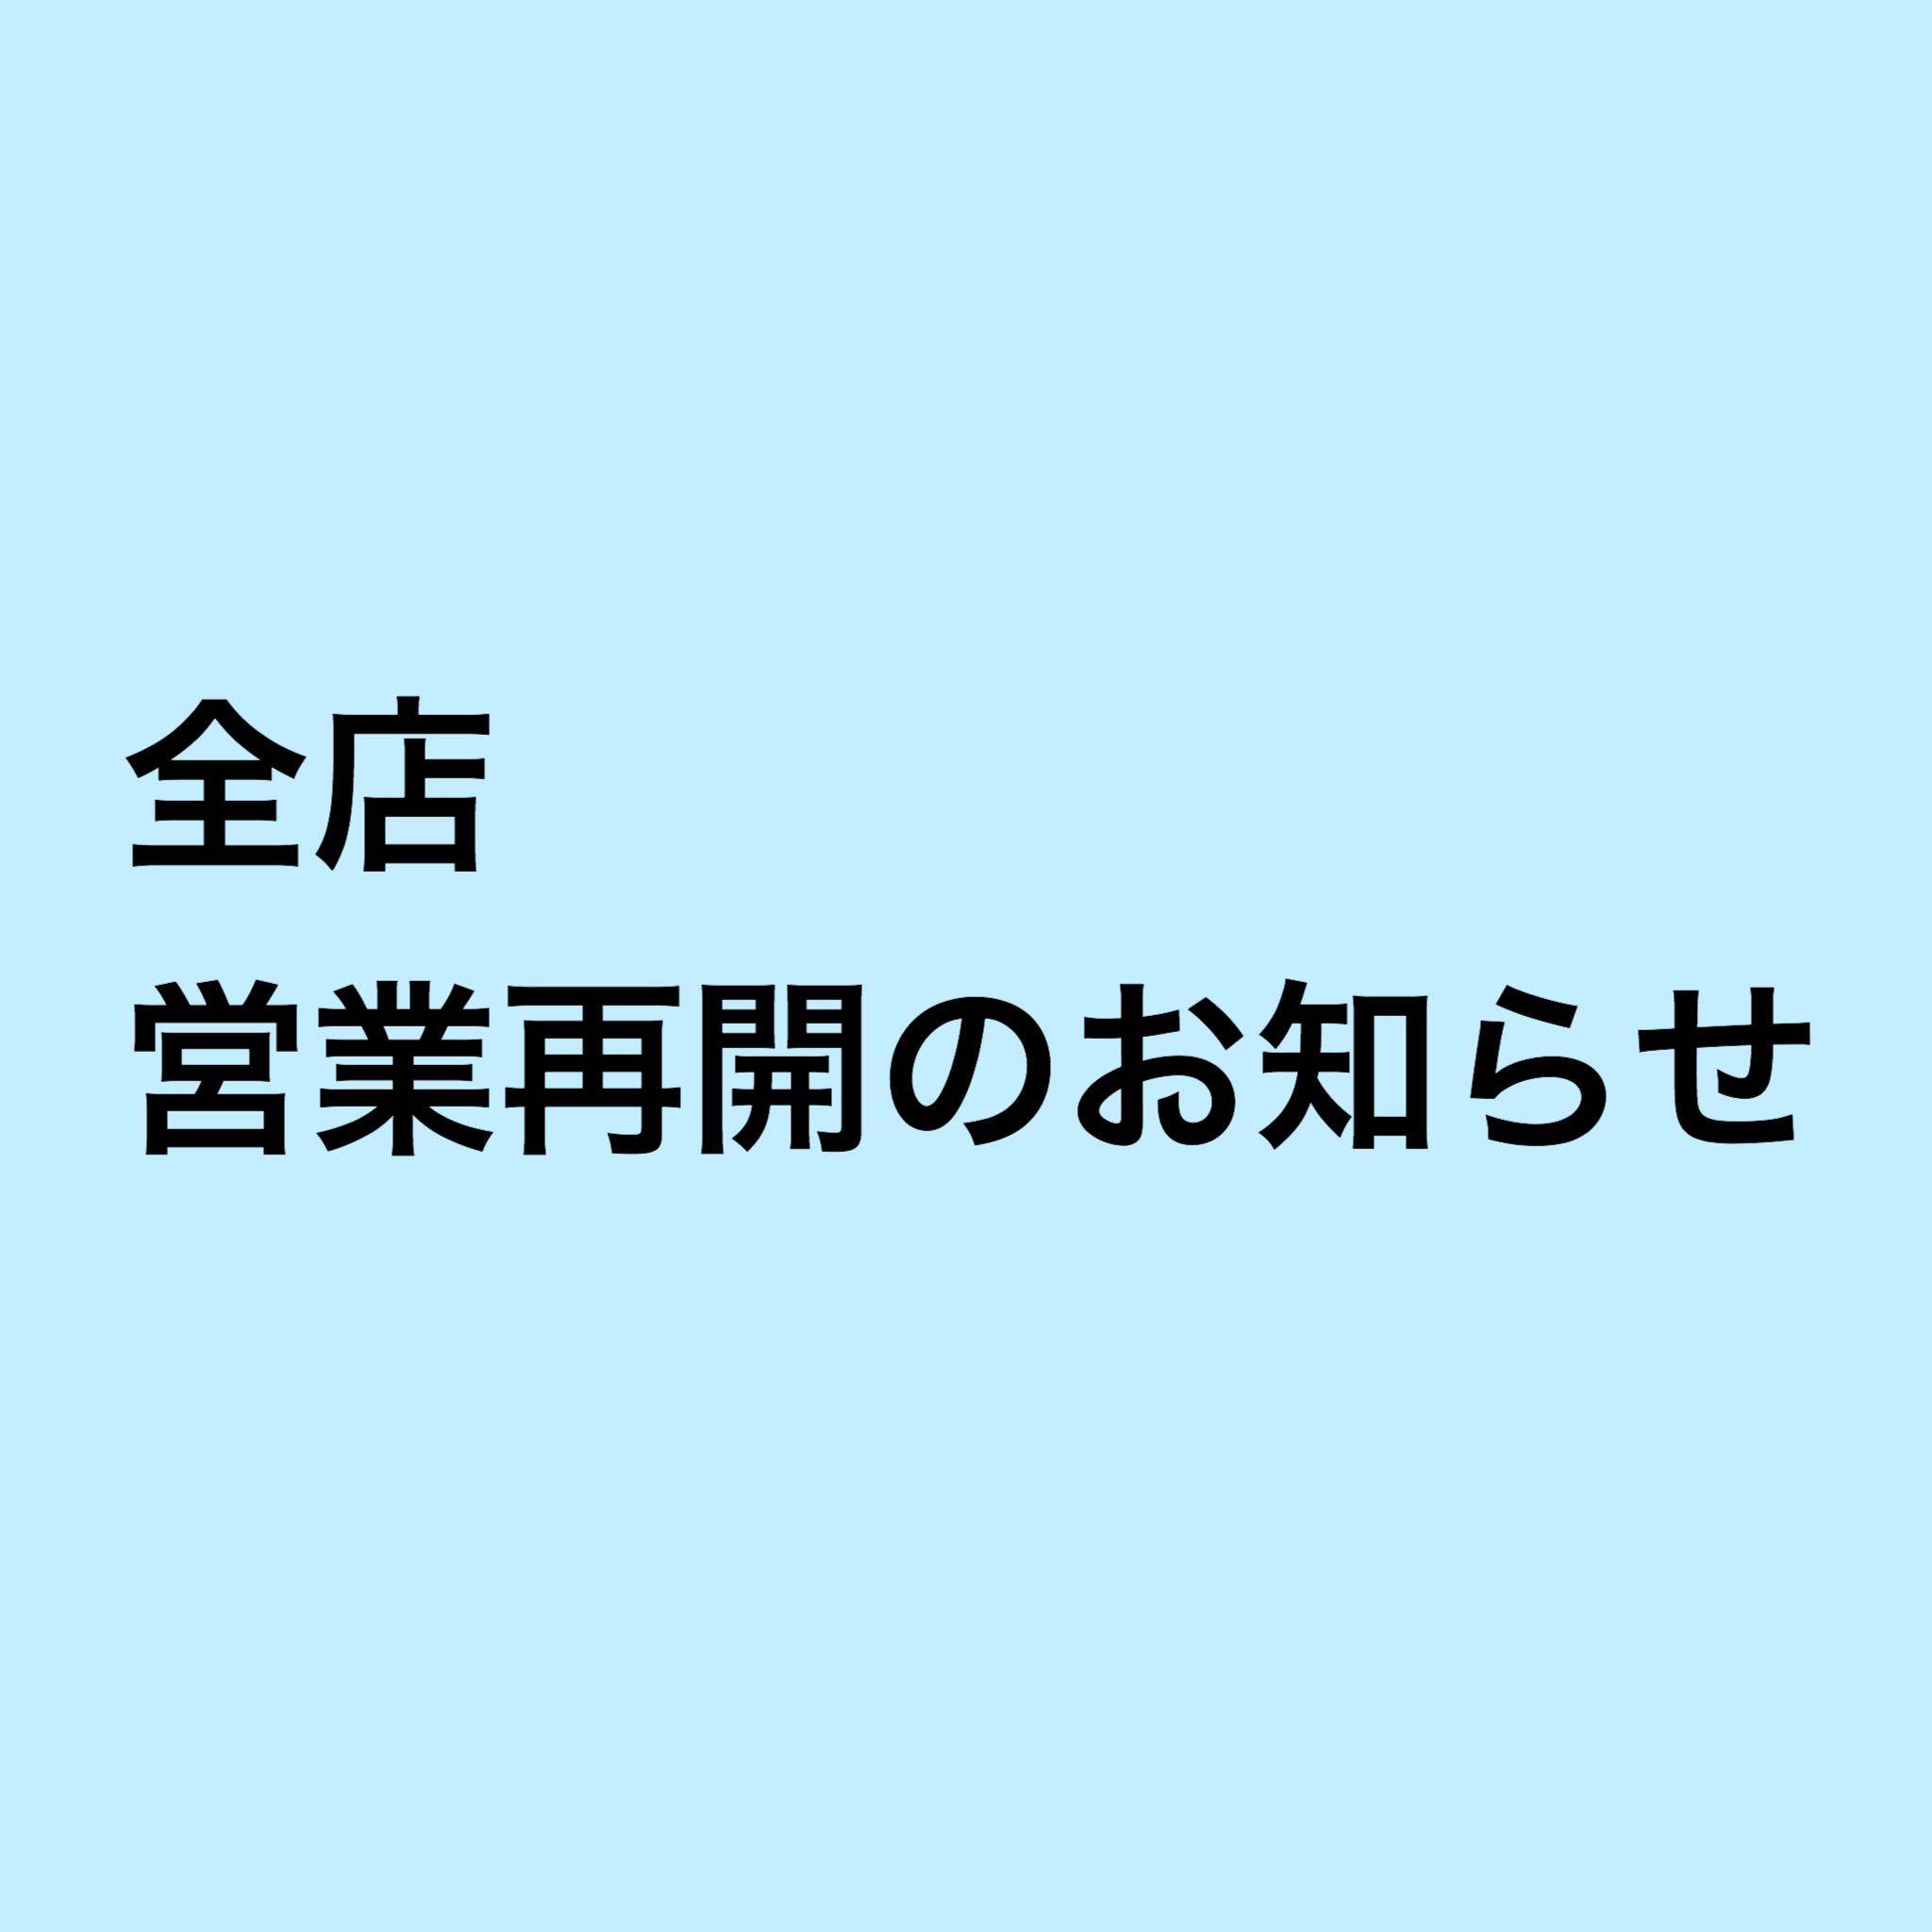 阪急ハロードッグ 営業再開のお知らせ